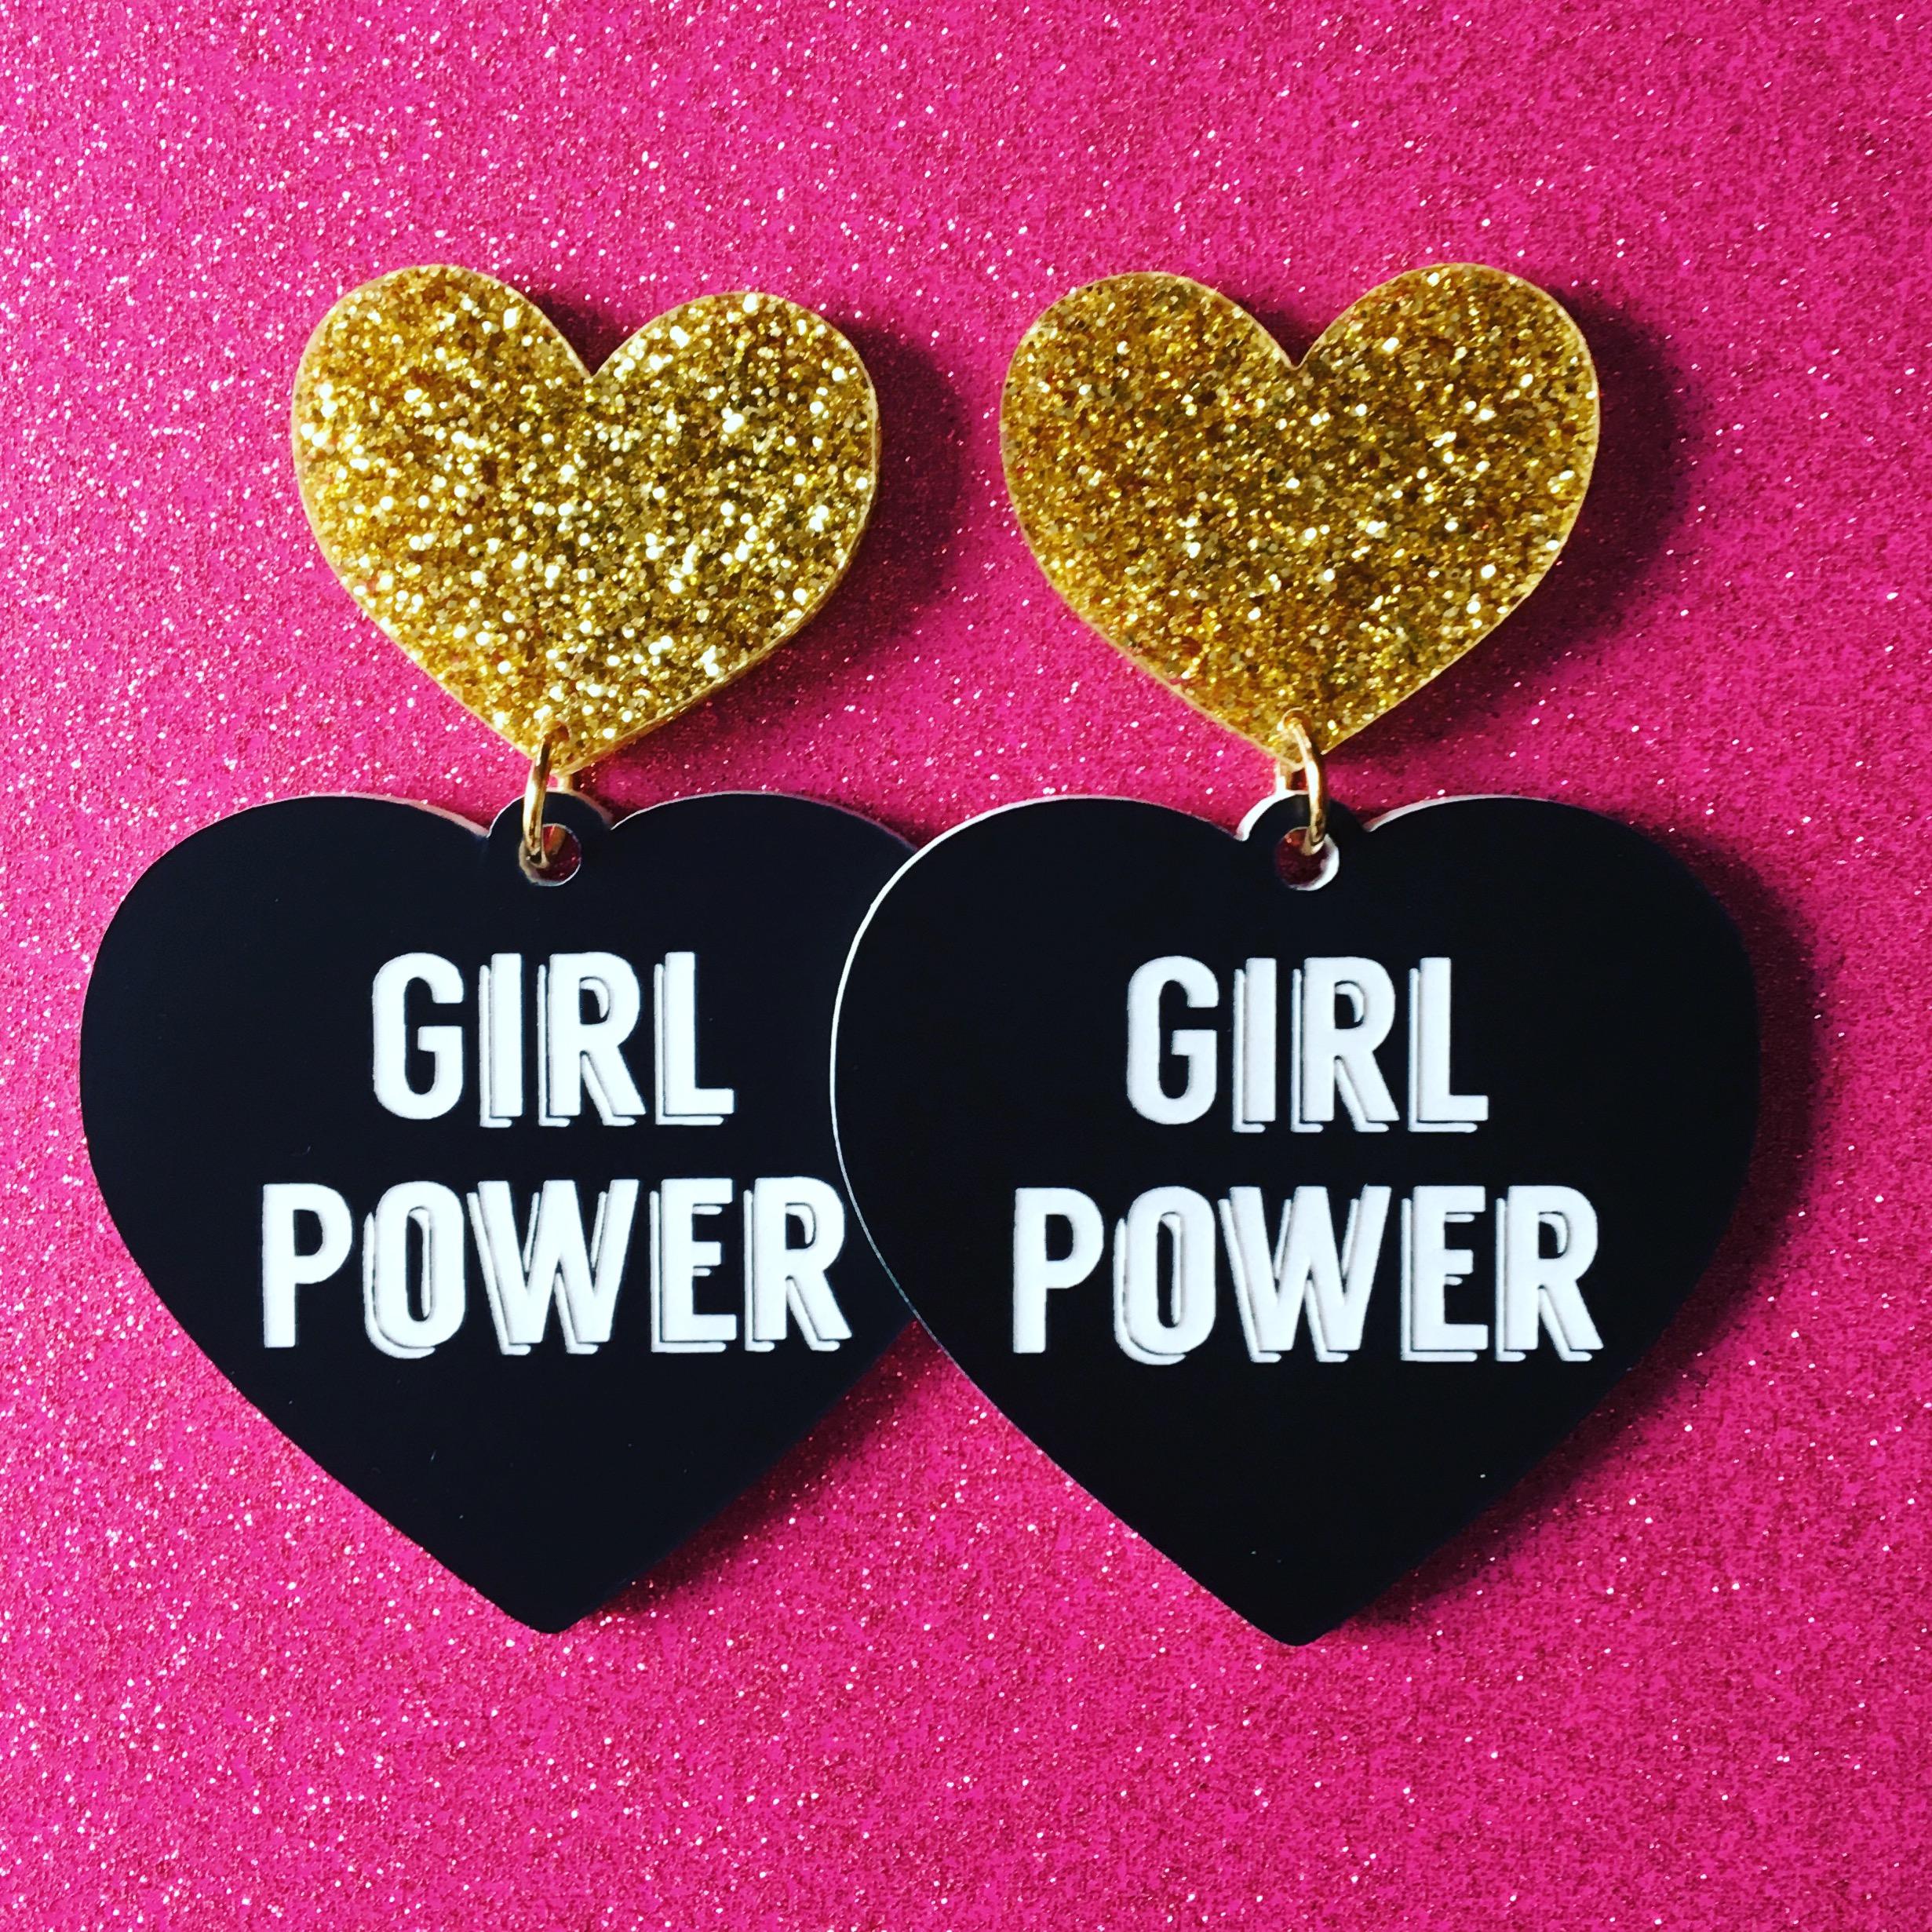 Girl Power Earrings   Haus of Dizzy   Hand made bling